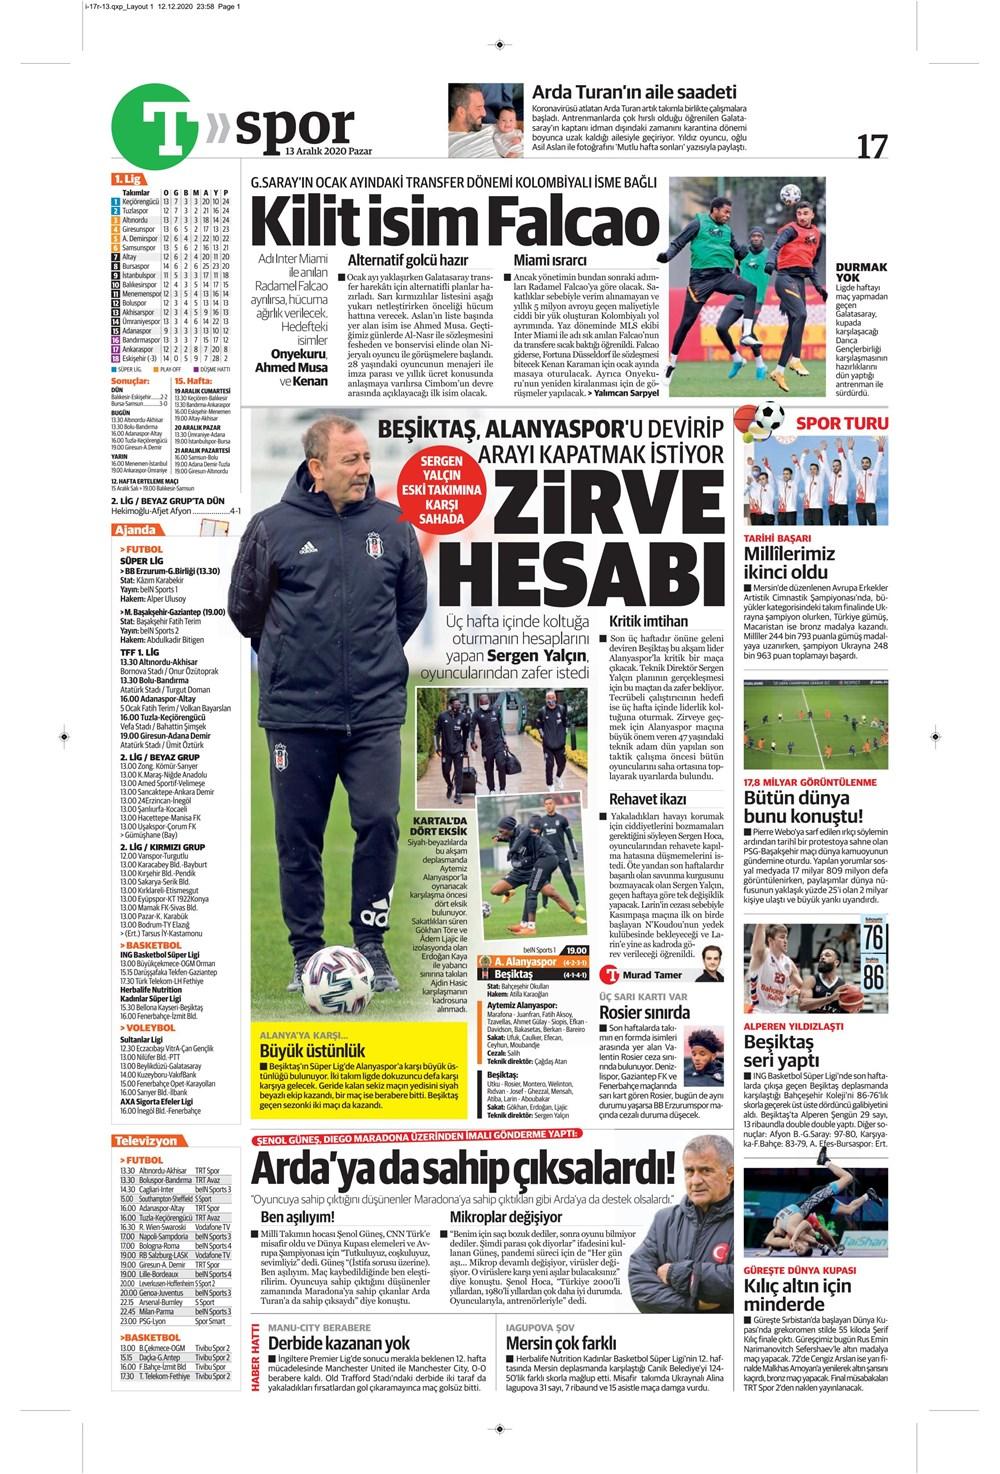 Sporun Manşetleri (13 Aralık 2020)  - 26. Foto